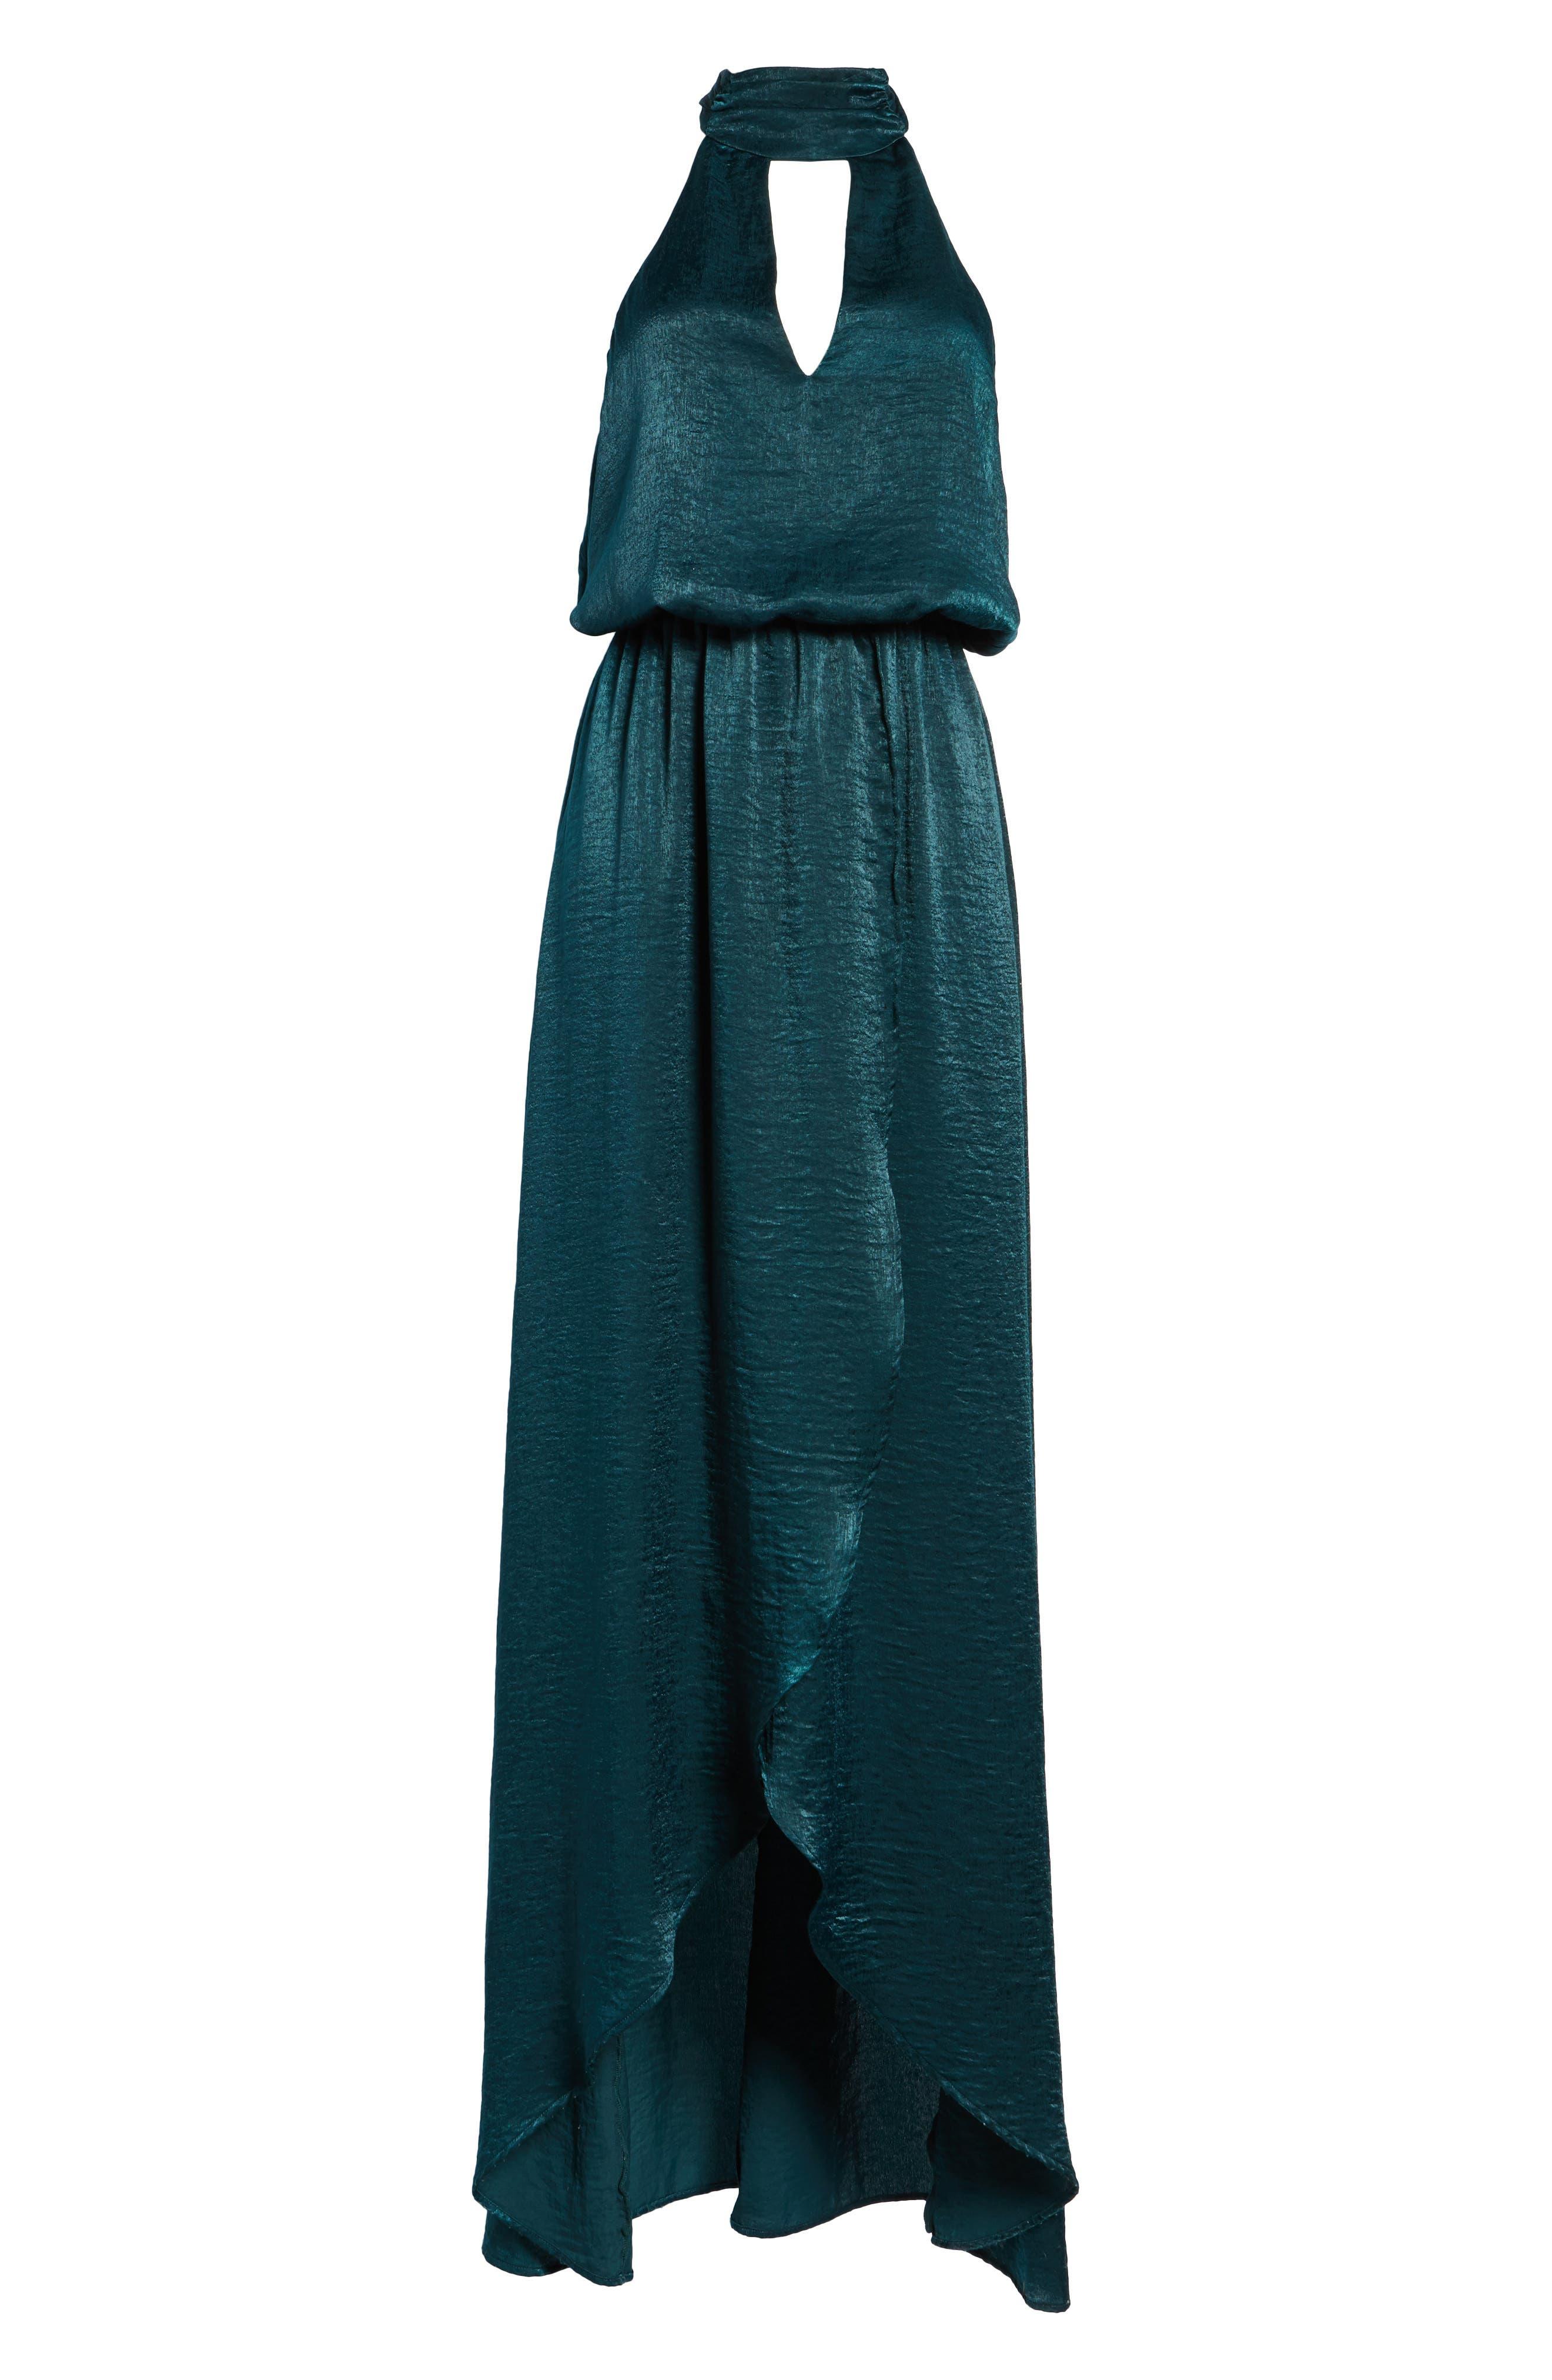 Karolina Halter Maxi Dress,                             Alternate thumbnail 6, color,                             Dark Forest